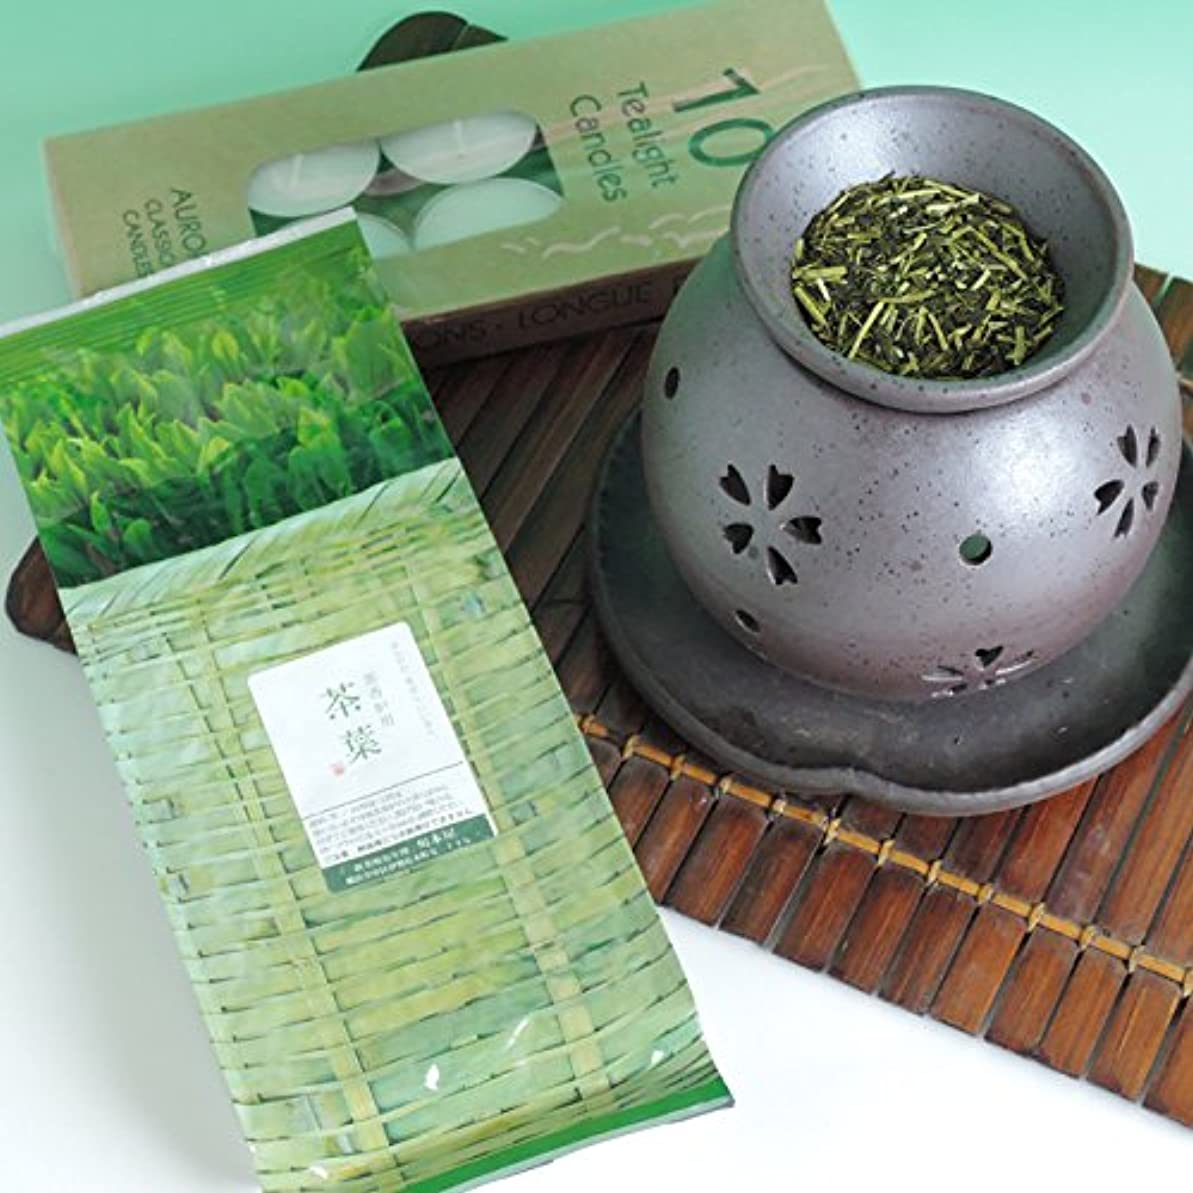 農夫サイバースペース古風な茶香炉 盛正作 ローソク 茶香炉専用 茶葉 セット 川本屋茶舗